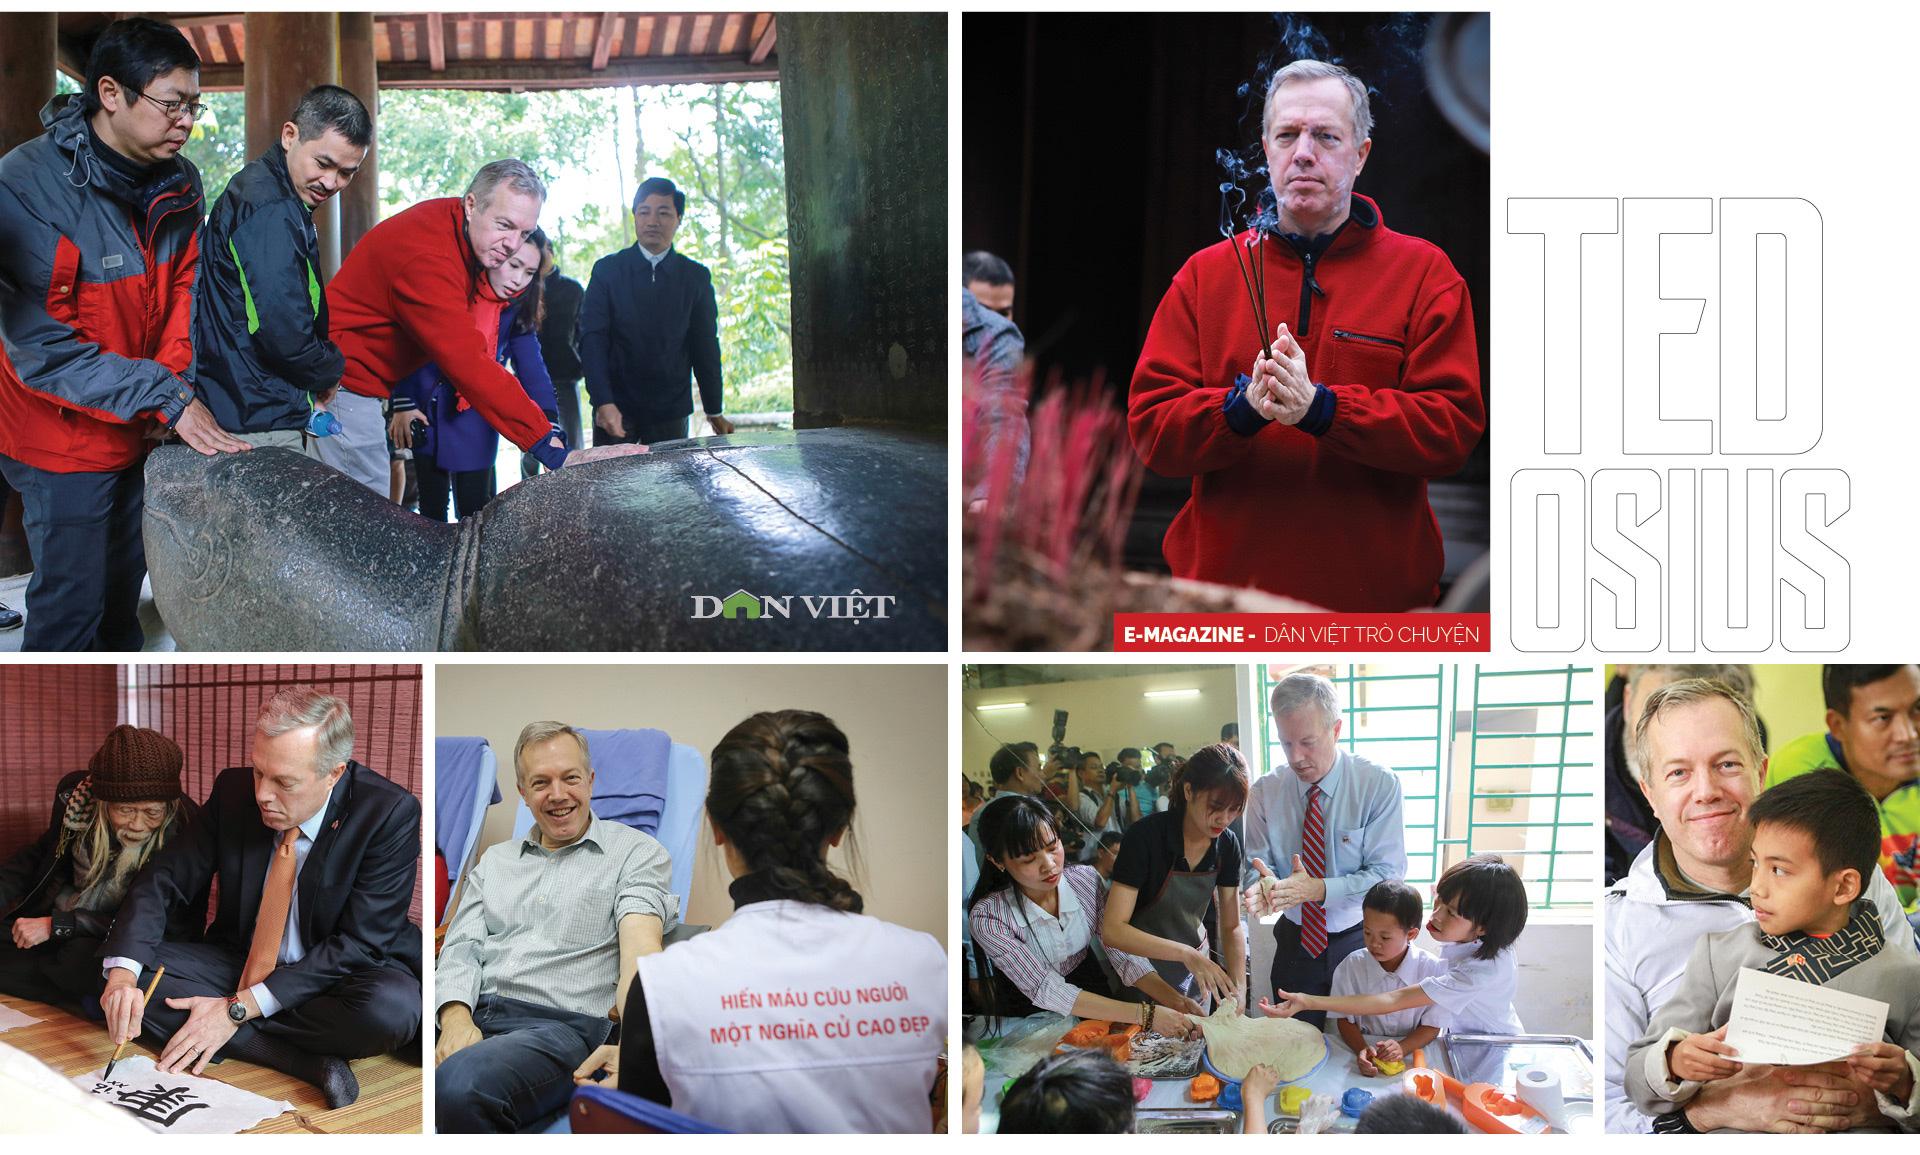 Cựu Đại sứ Mỹ tại Việt Nam Ted Osius: Hòa giải Việt Mỹ - Không gì là không thể - Ảnh 10.